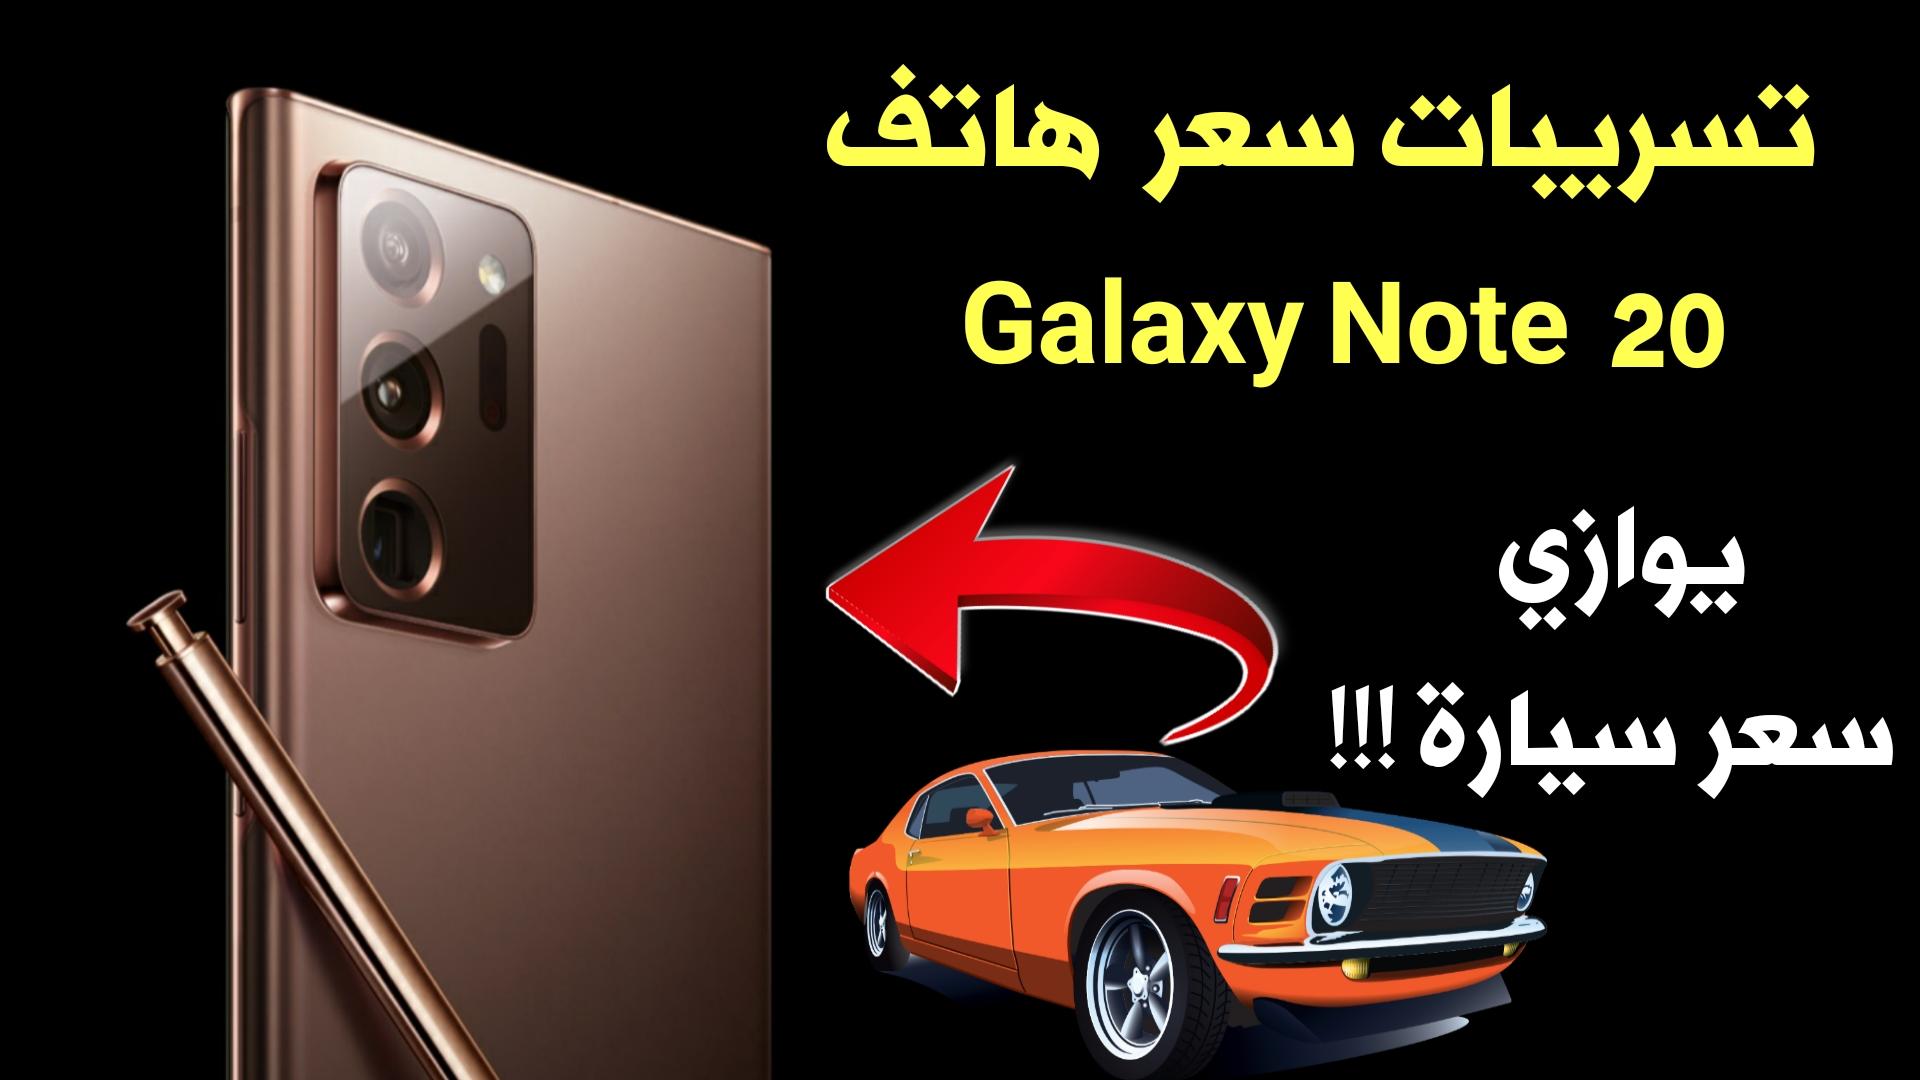 تسريبات سعر هاتف Galaxy Note 20 يوازي سعر سيارة !!!